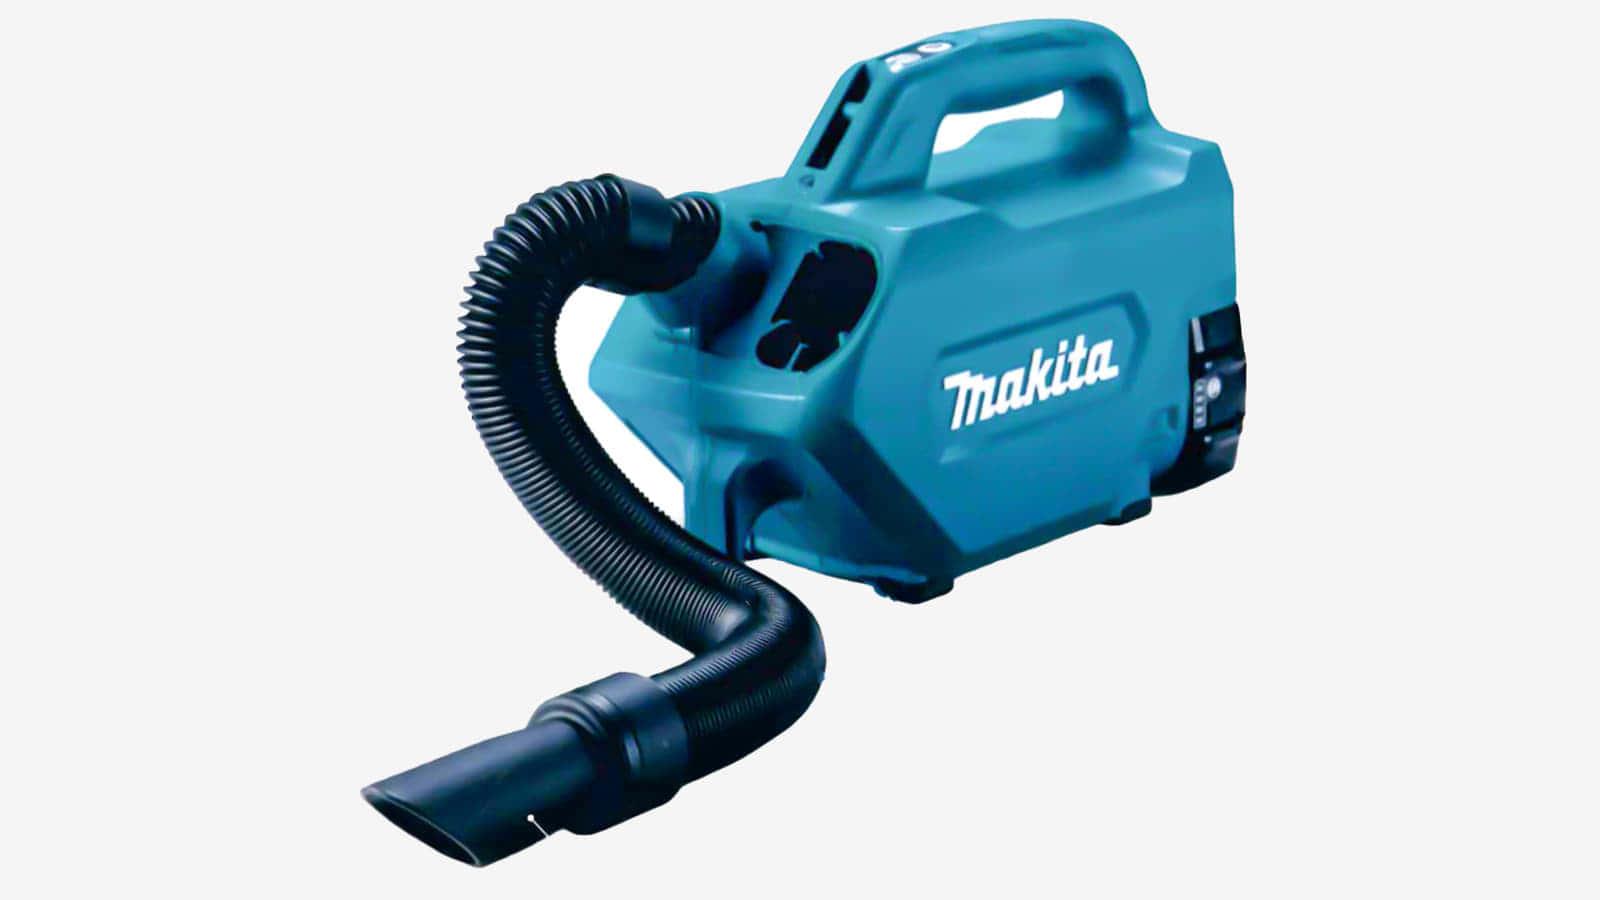 マキタ CL184D 充電式クリーナー、18Vバッテリーで持ち運びに優れたショルダークリーナー